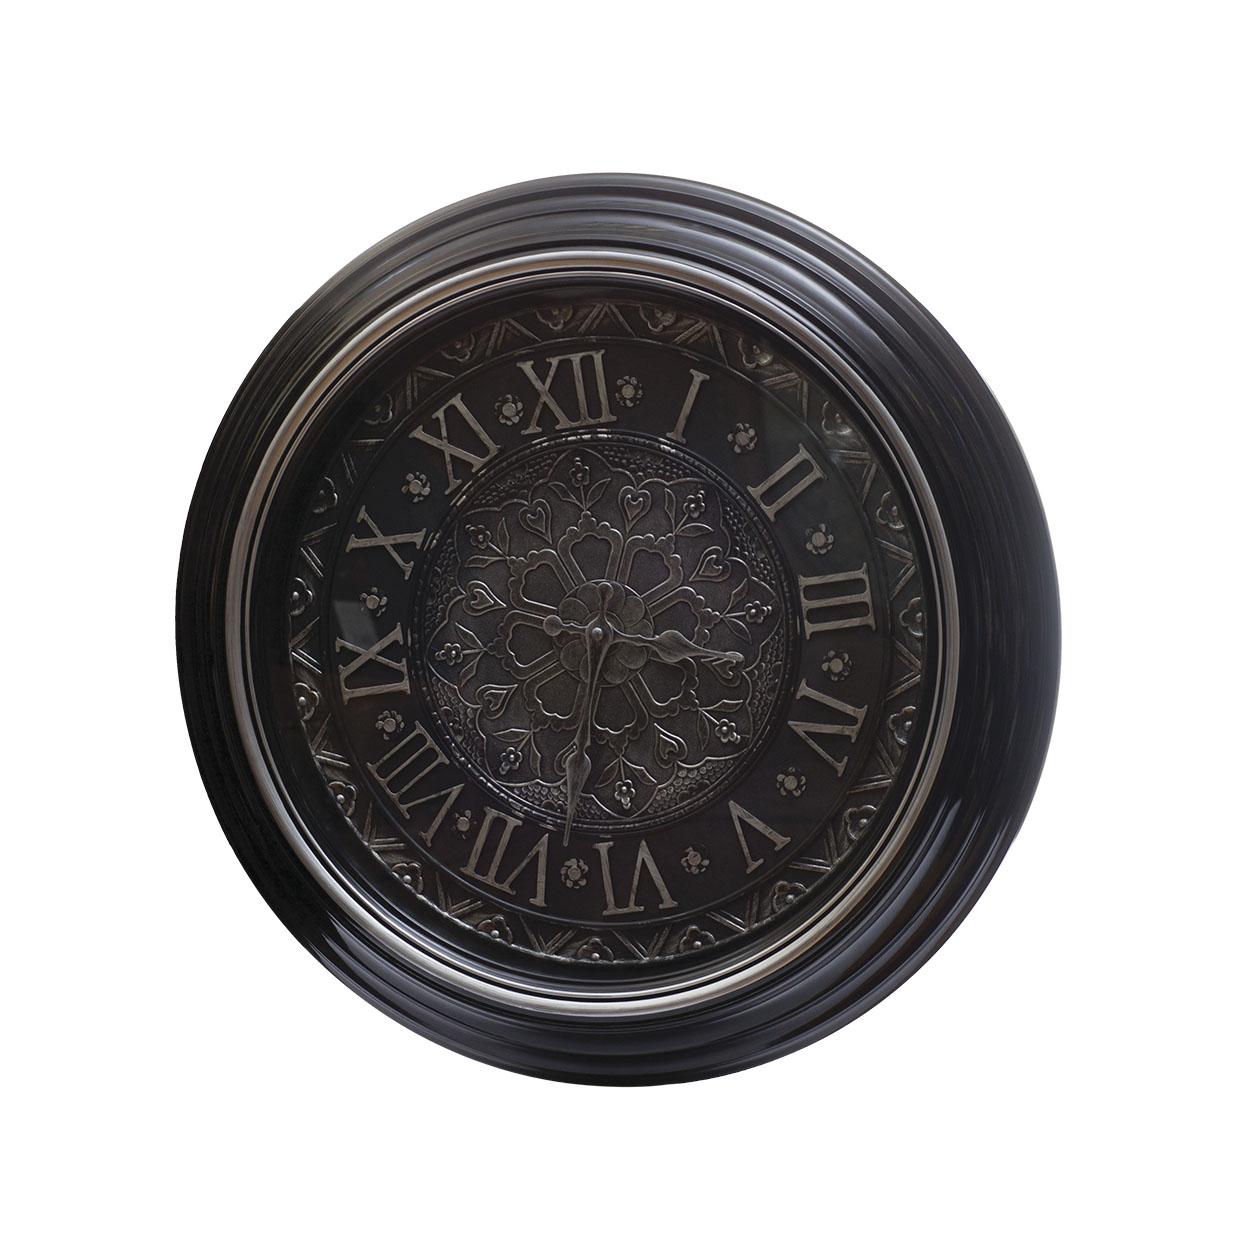 ЧасыНастенные часы<br>кварцевый механизм<br><br>Material: Пластик<br>Width см: 50<br>Depth см: 5<br>Height см: 50,5<br>Diameter см: None